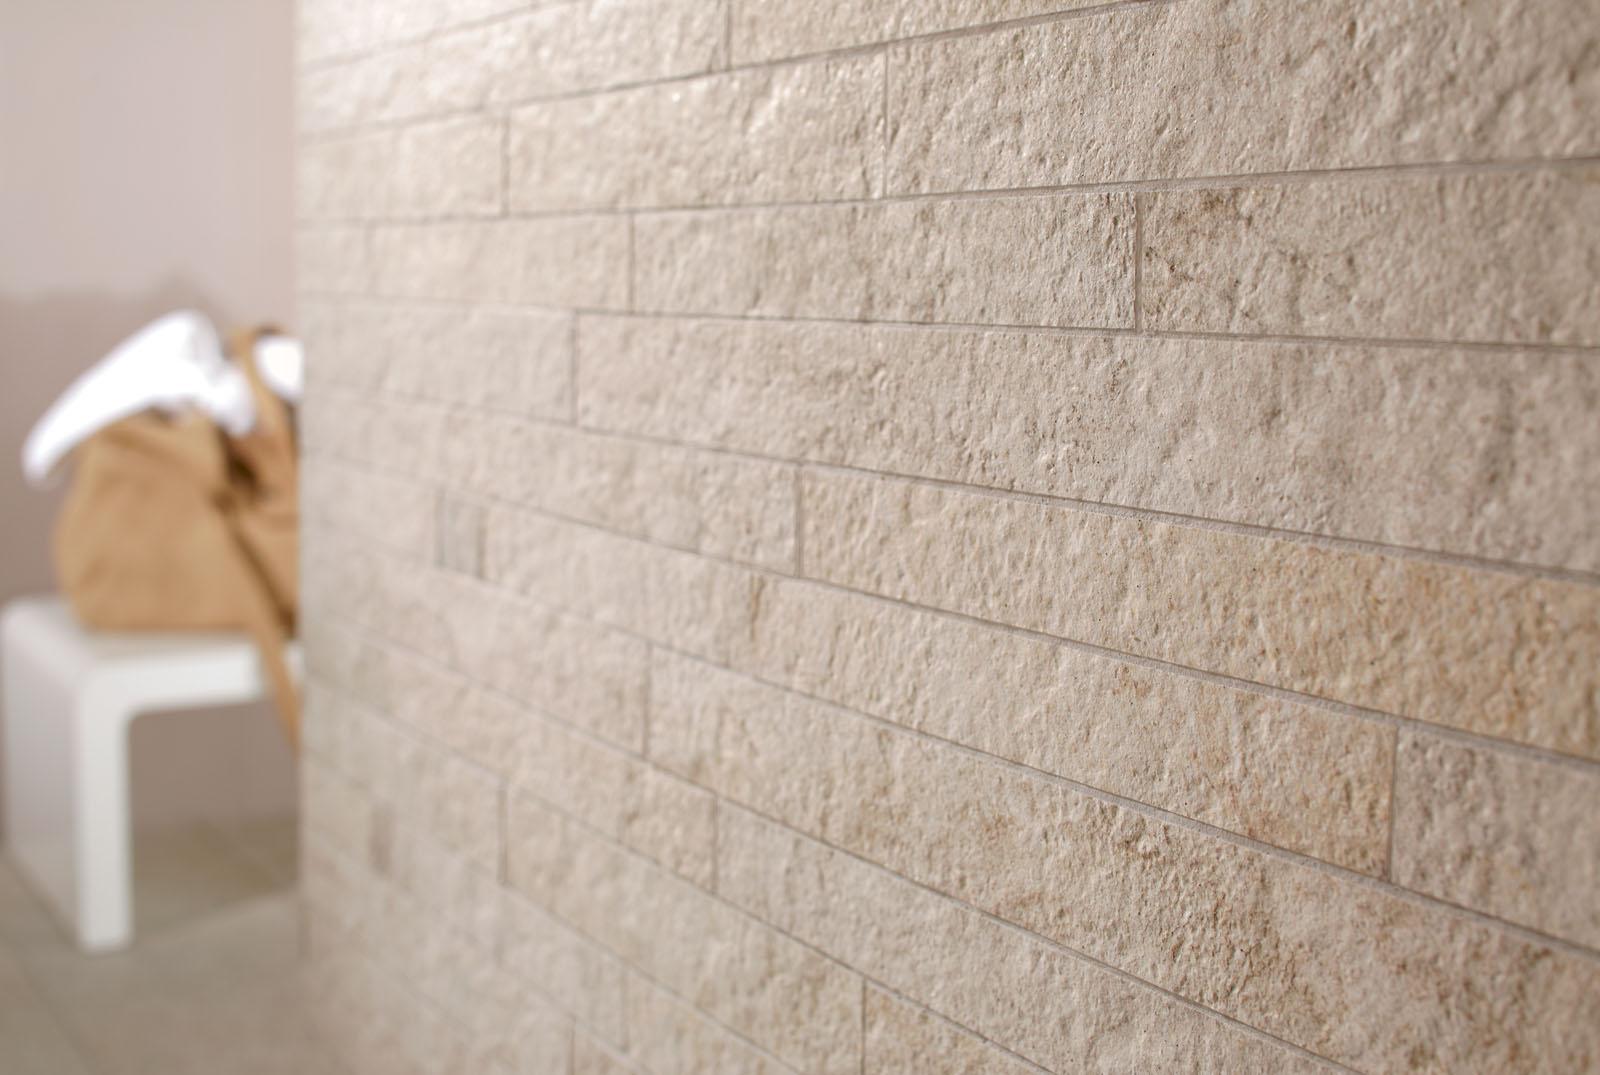 Piastrelle a mosaico per bagno e altri ambienti marazzi - Piastrelle in gres ...